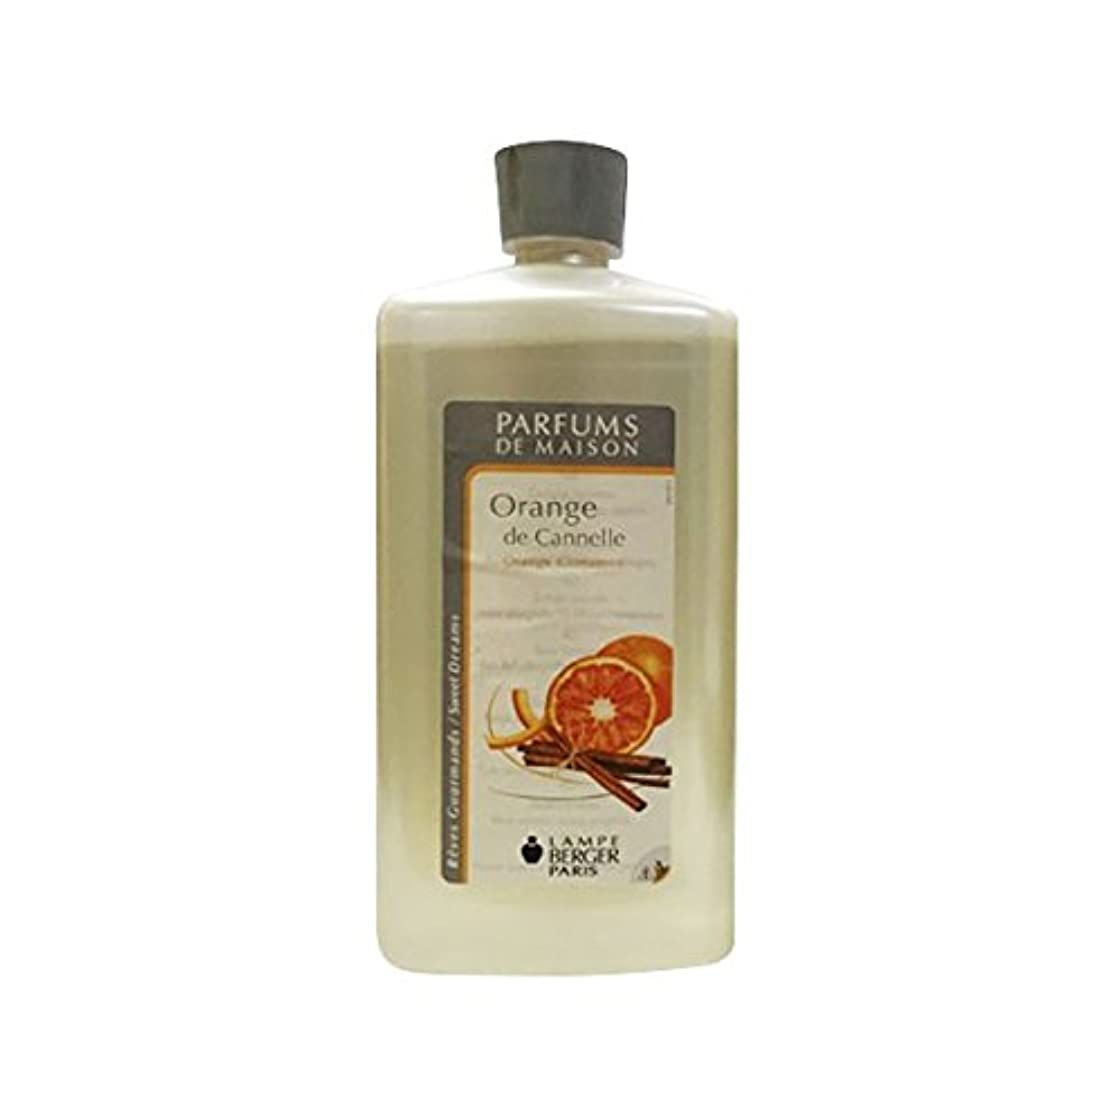 ランプベルジェオイル(オレンジシナモン)Orange de Cannelle / Orange Cinnamon